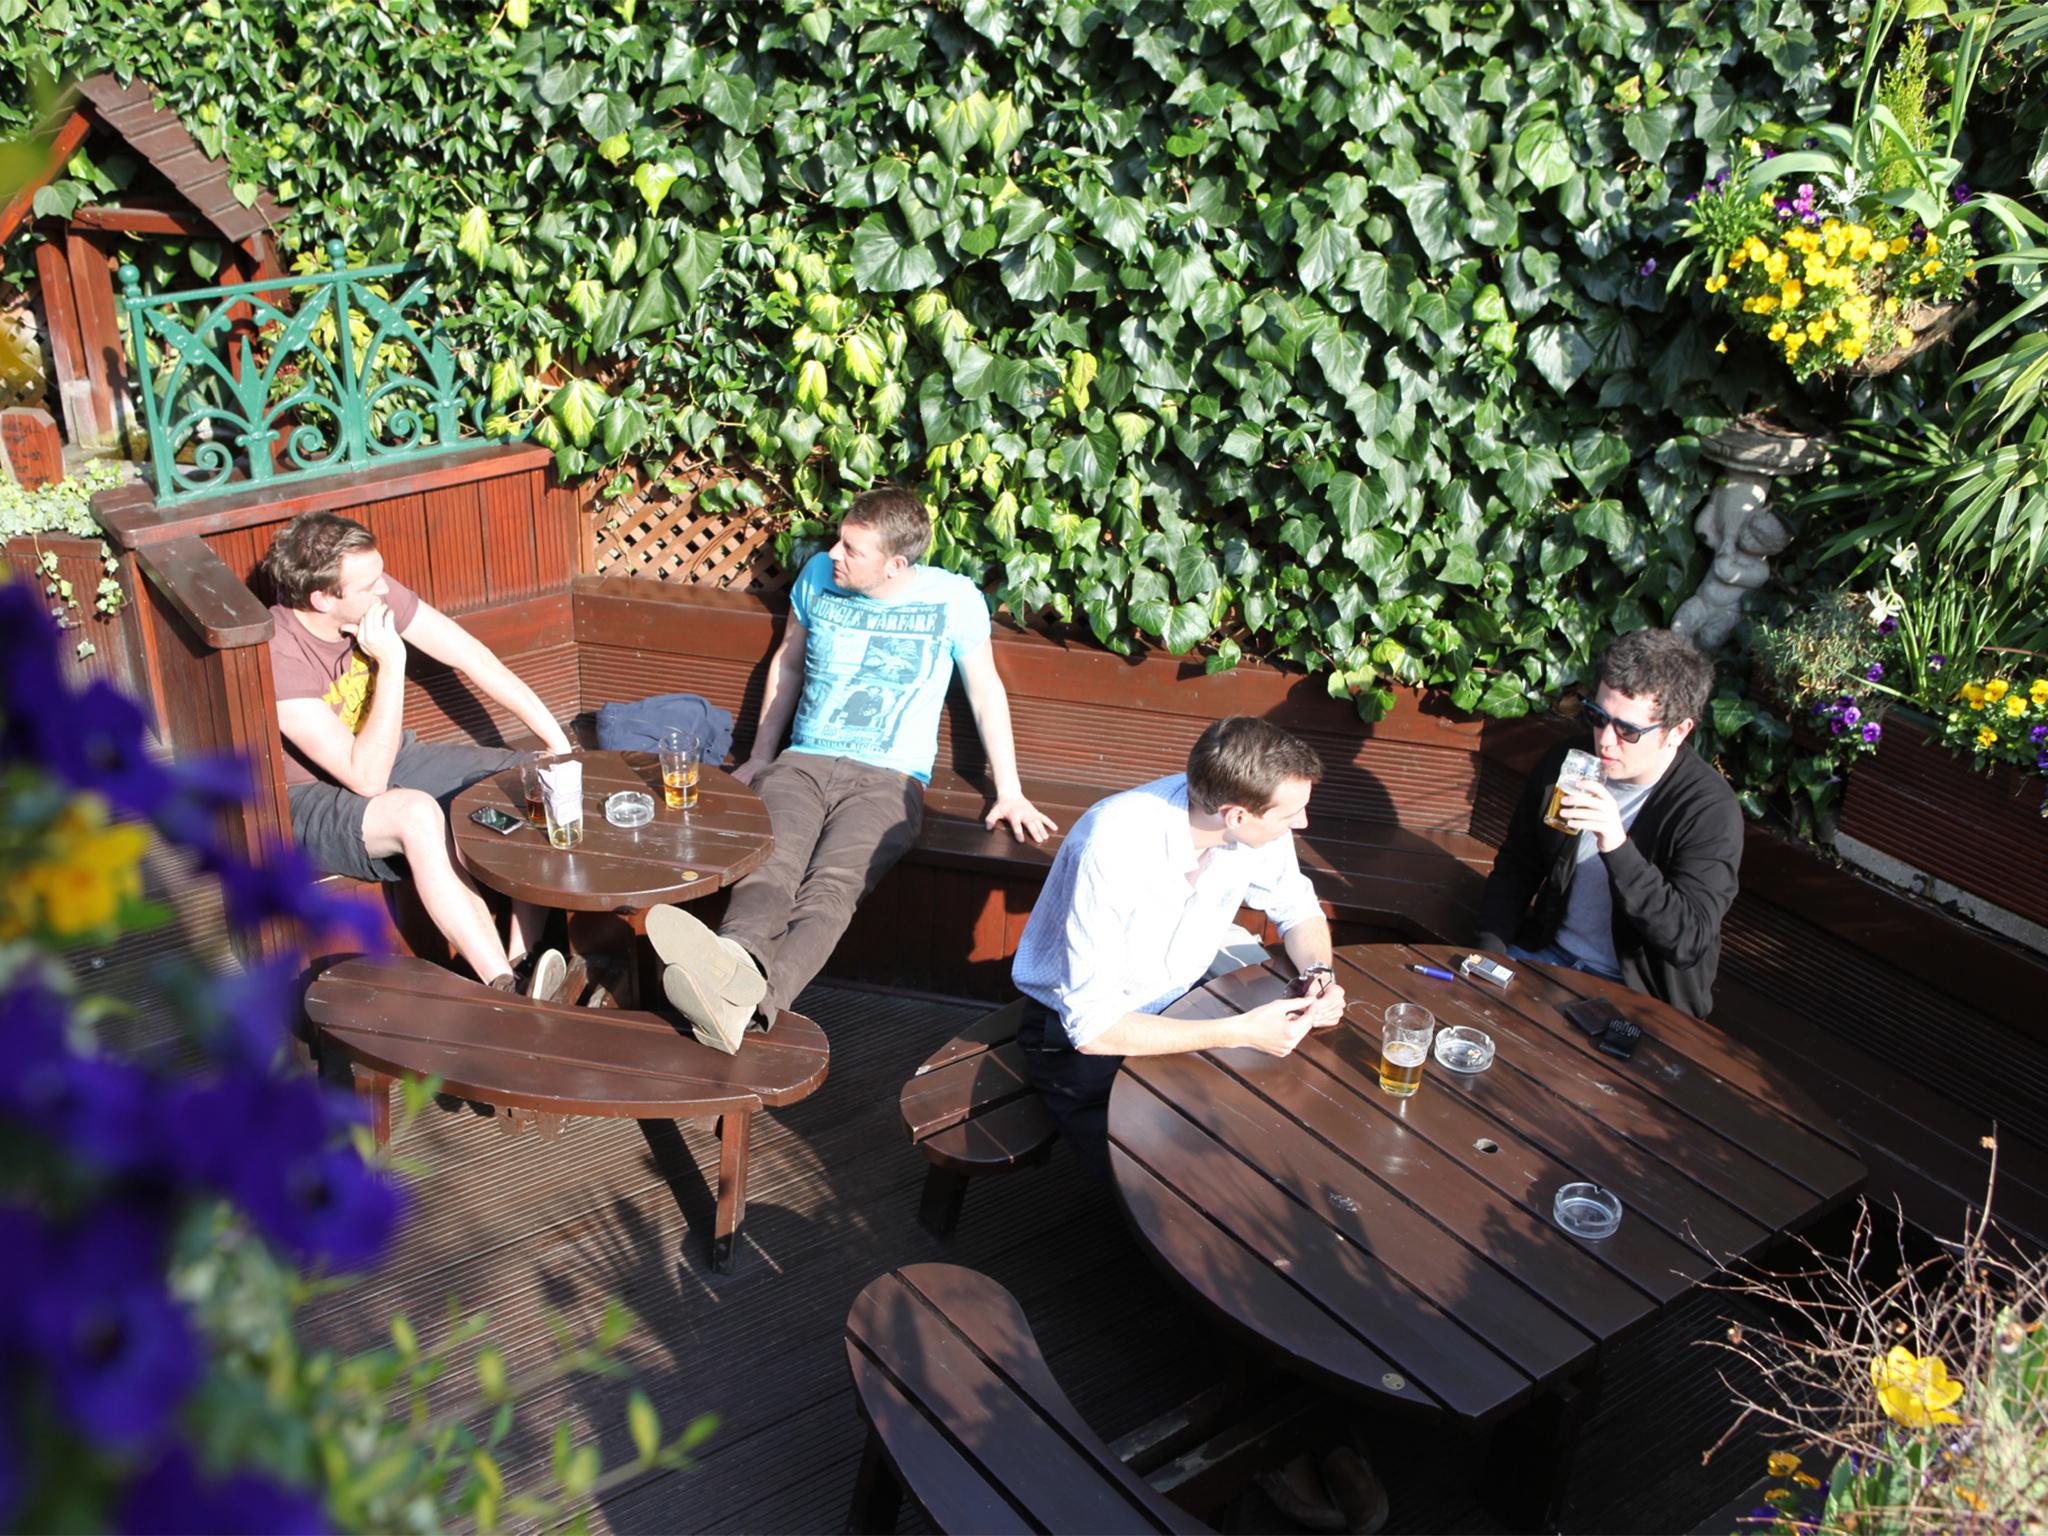 Secret pub garden in finsbury parkThe Faltering Fullback 19 Perth Rd N4 3HB